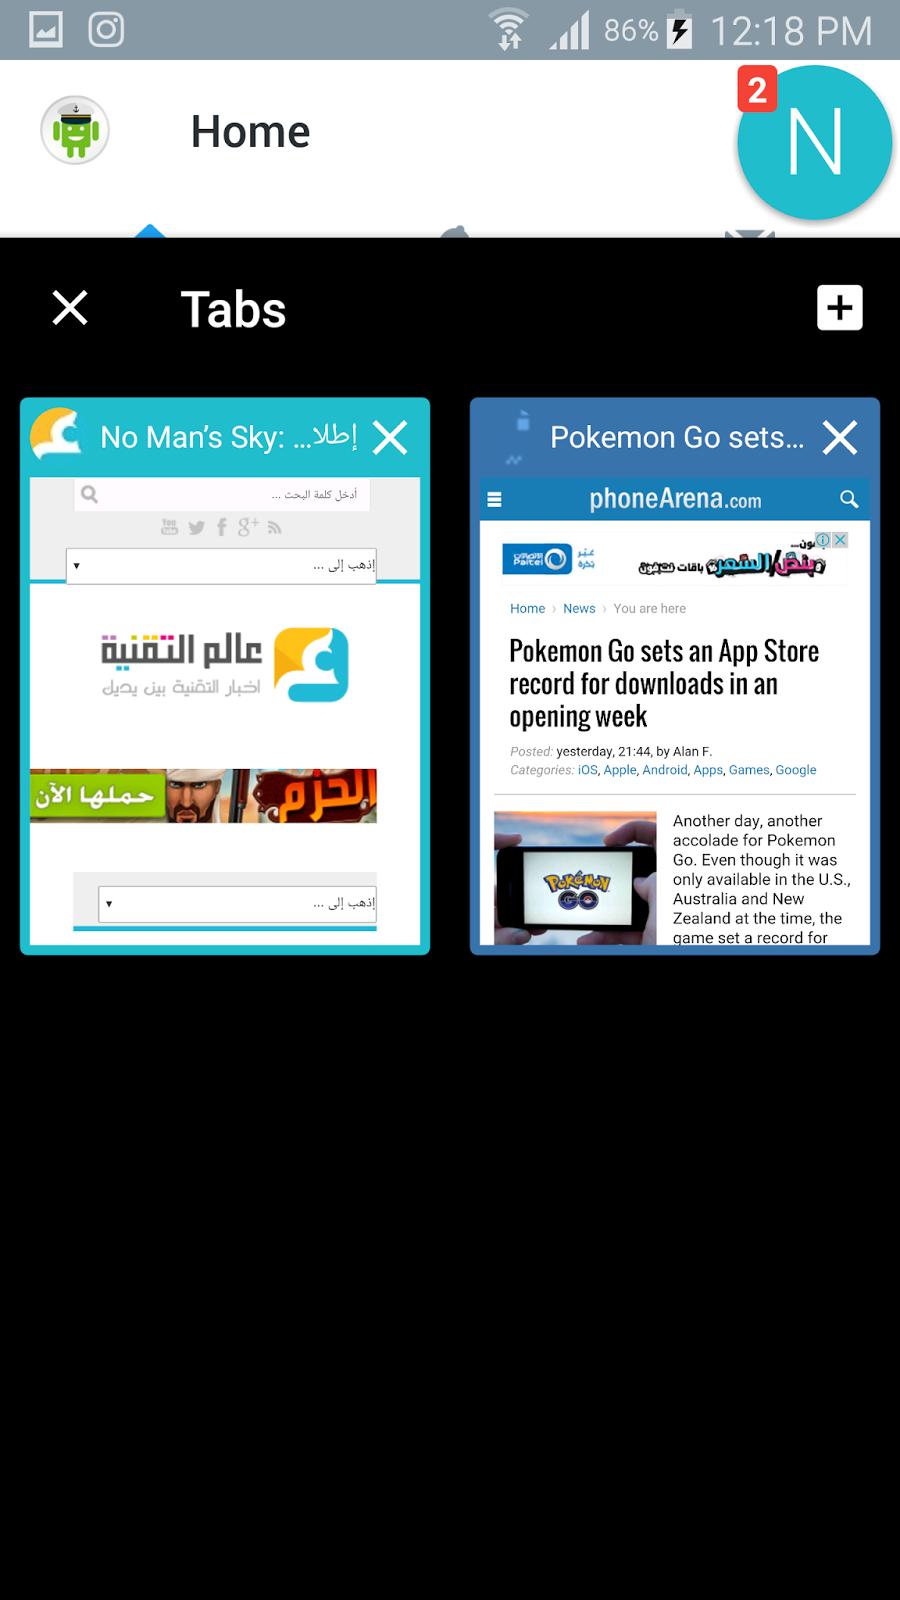 متصفح الانترنت Flyperlink للاندرويد لفتح المواقع في شاشة منبثقة فوق اي تطبيق اخر | بحرية درويد